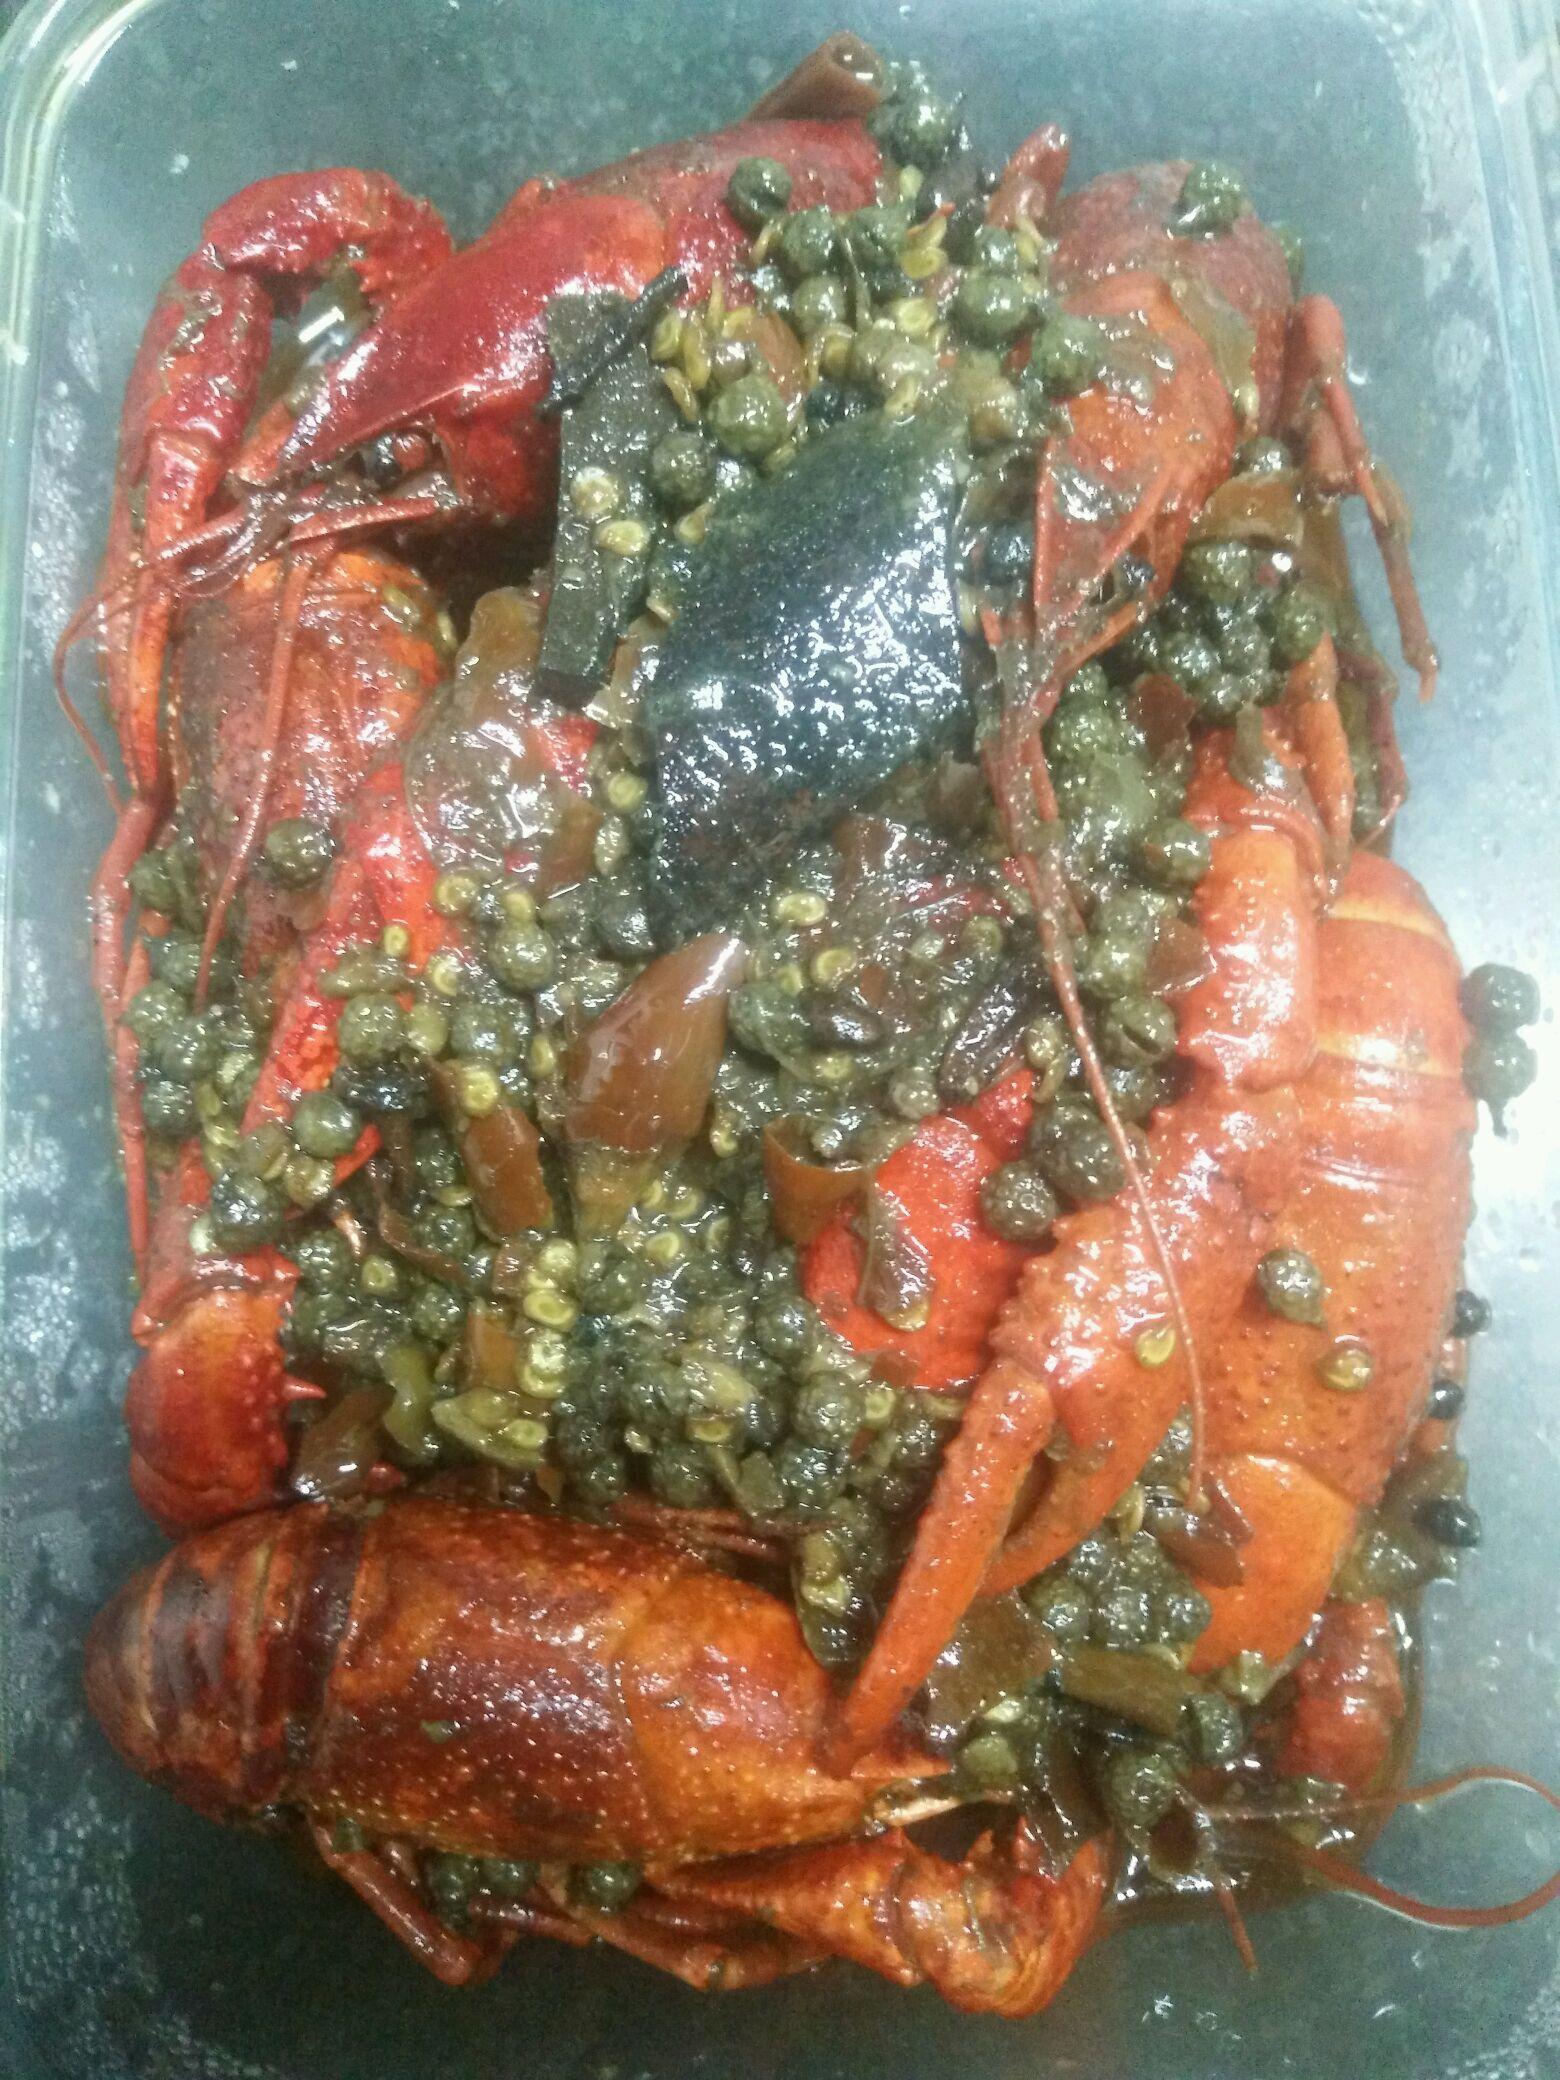 炒菜煲汤临锅时加入提鲜不口干 麻辣小龙虾(超麻辣版本)的做法步骤 1.